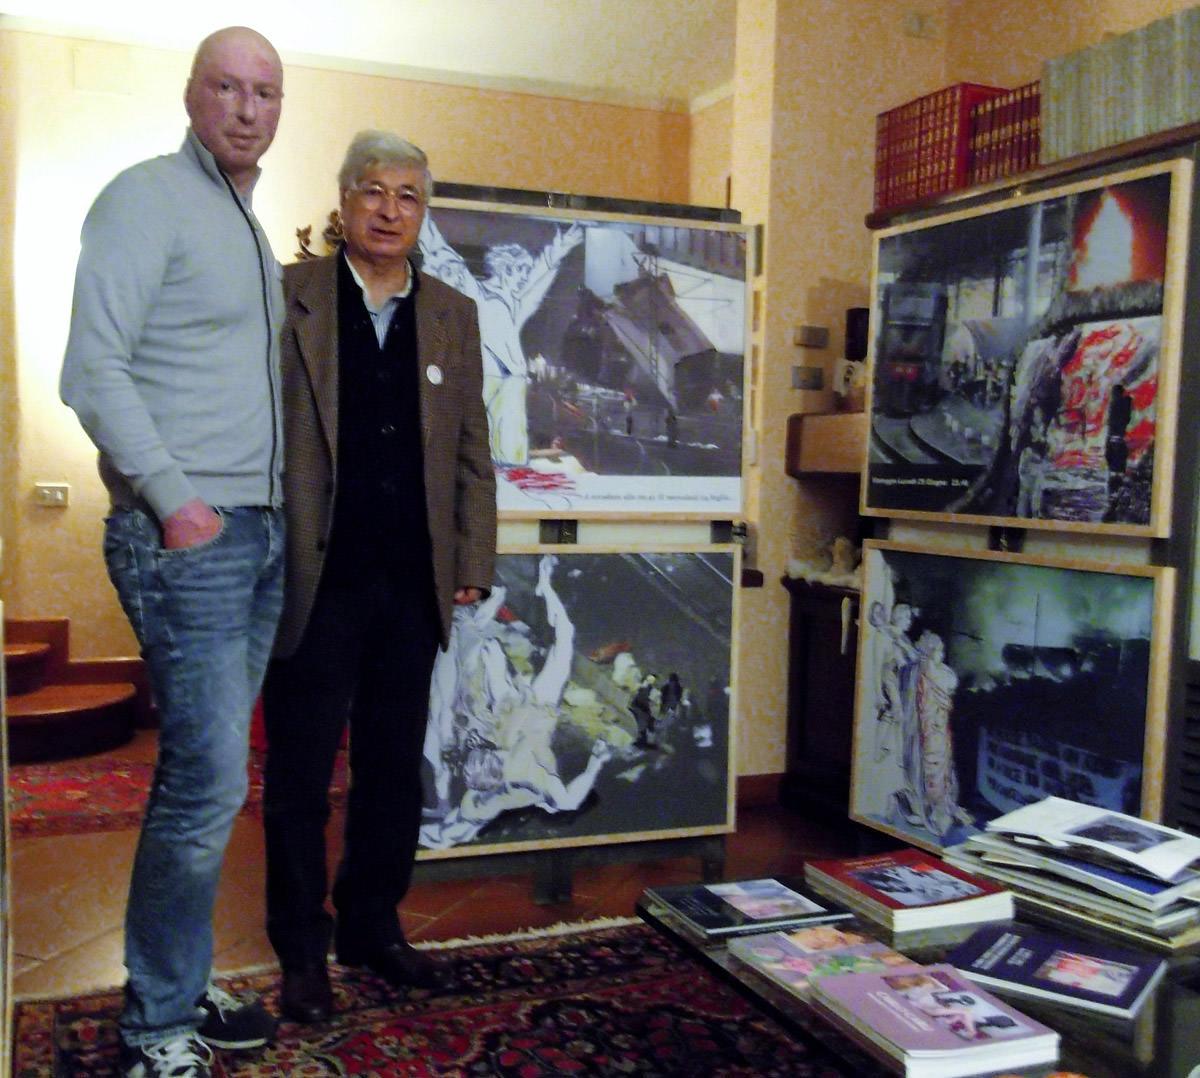 Marco Piagentini in visita alla mostra di Carlo Carli sulla strage del 29 giugno